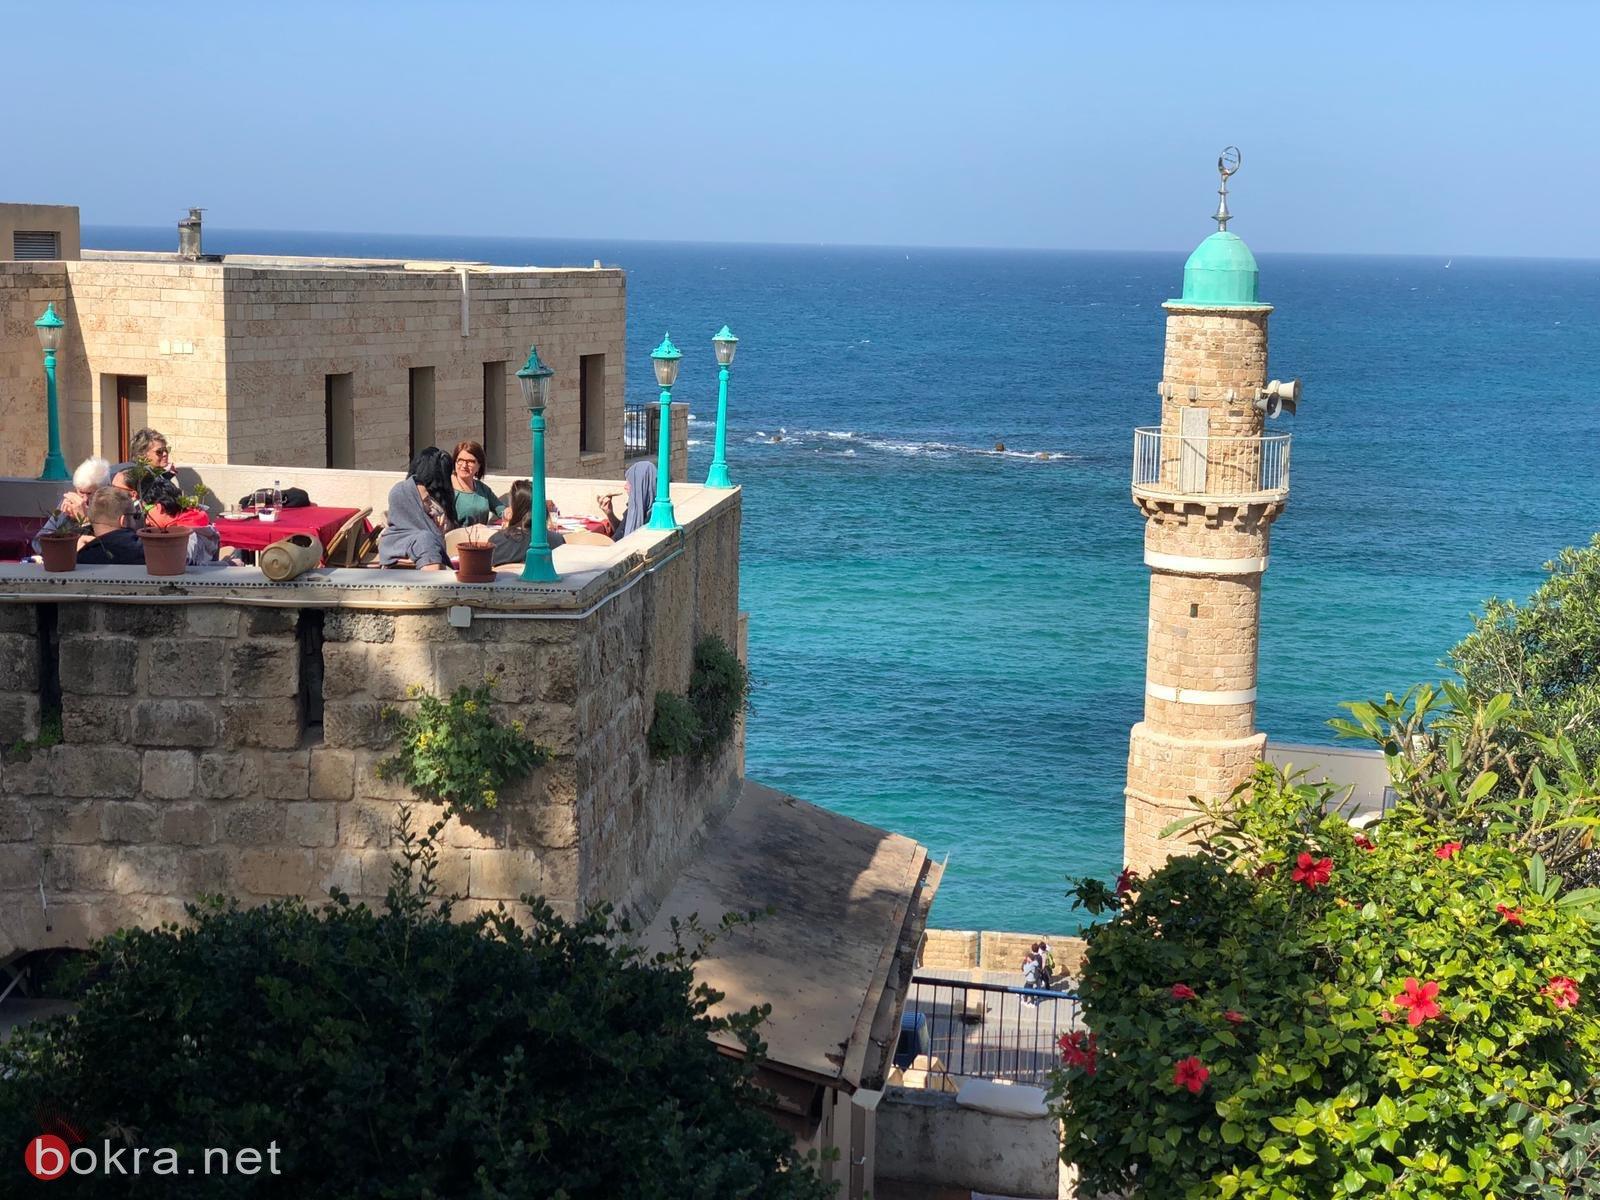 رابطة المهندسين العرب تقوم بجولة مهنية في مدينه يافا